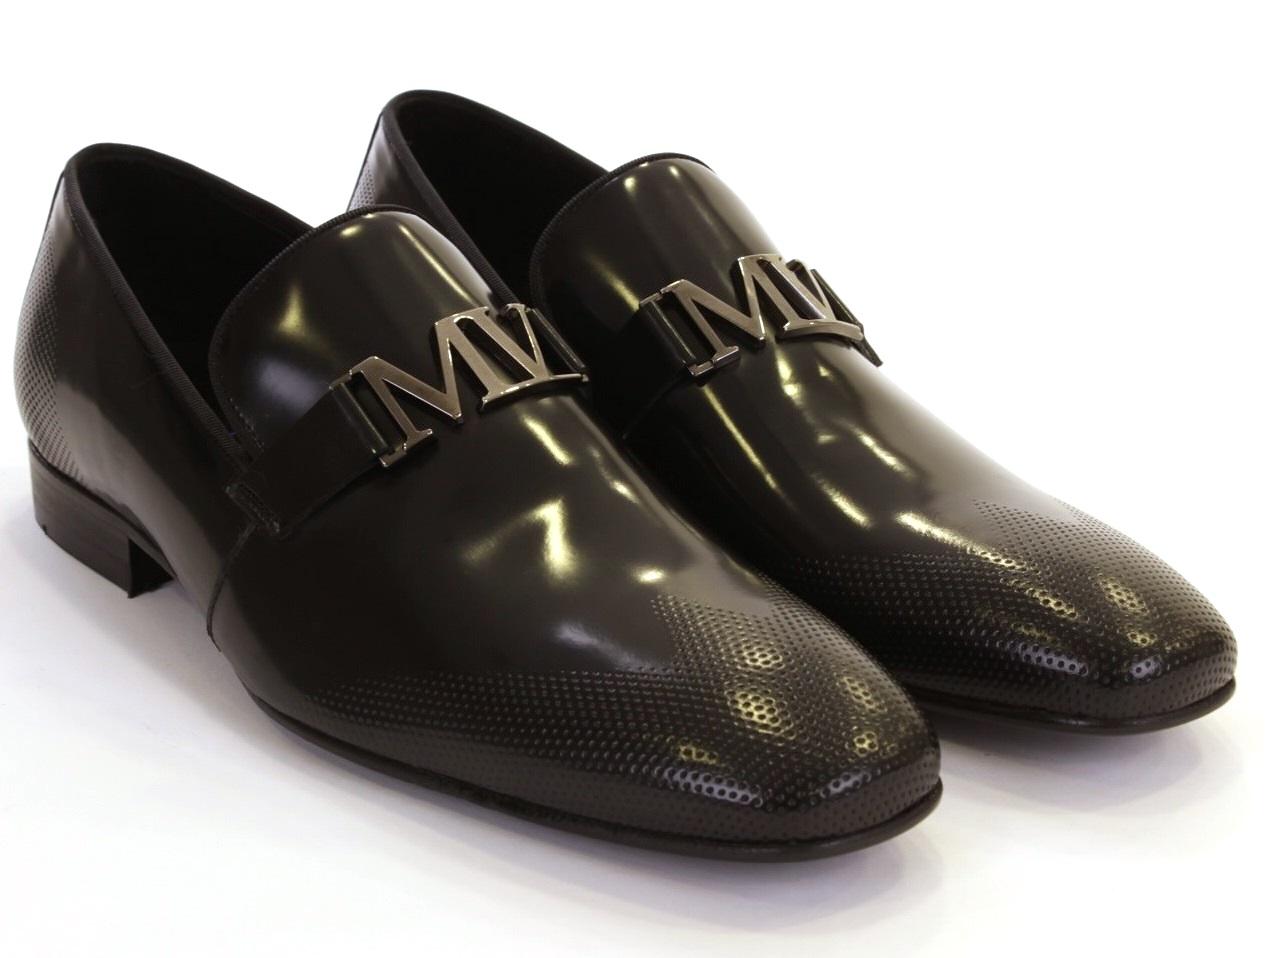 e901b47e1 Sapatos Pala e Fivela Miguel Vieira - 233 MV4961 | Loja Glispe